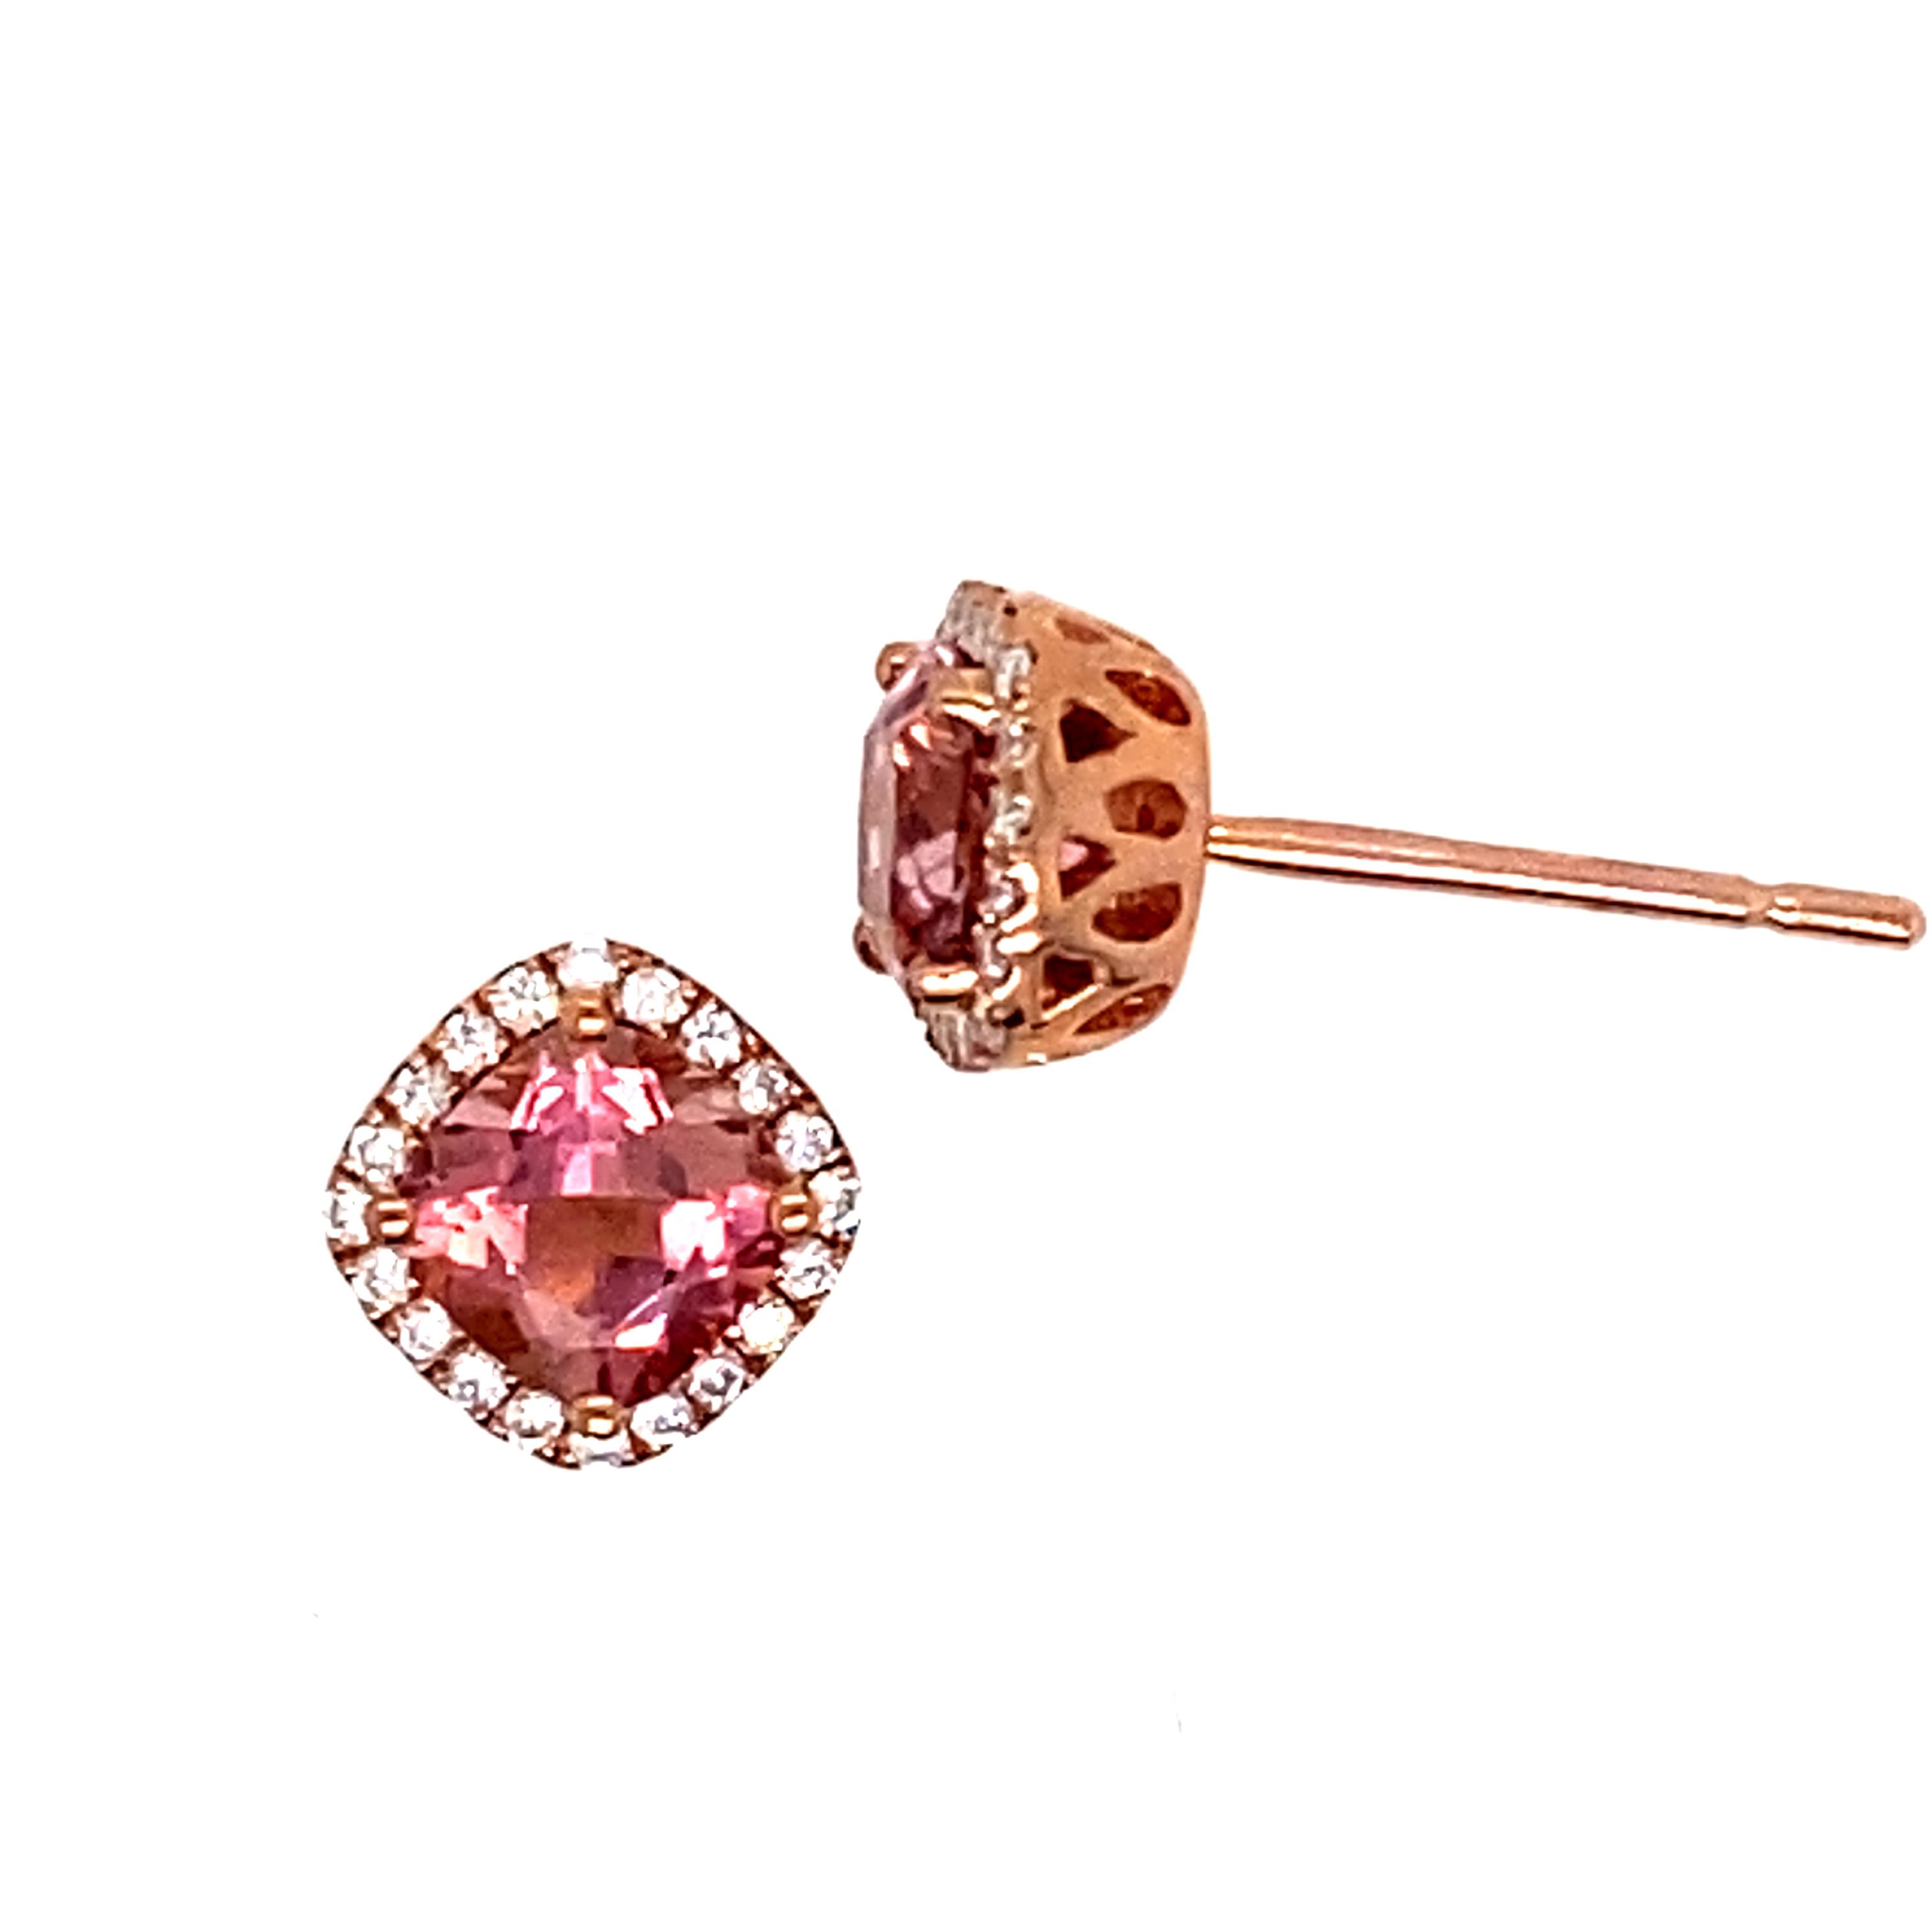 9 Carat Rose Gold, Pink Tourmaline and Diamond Studs